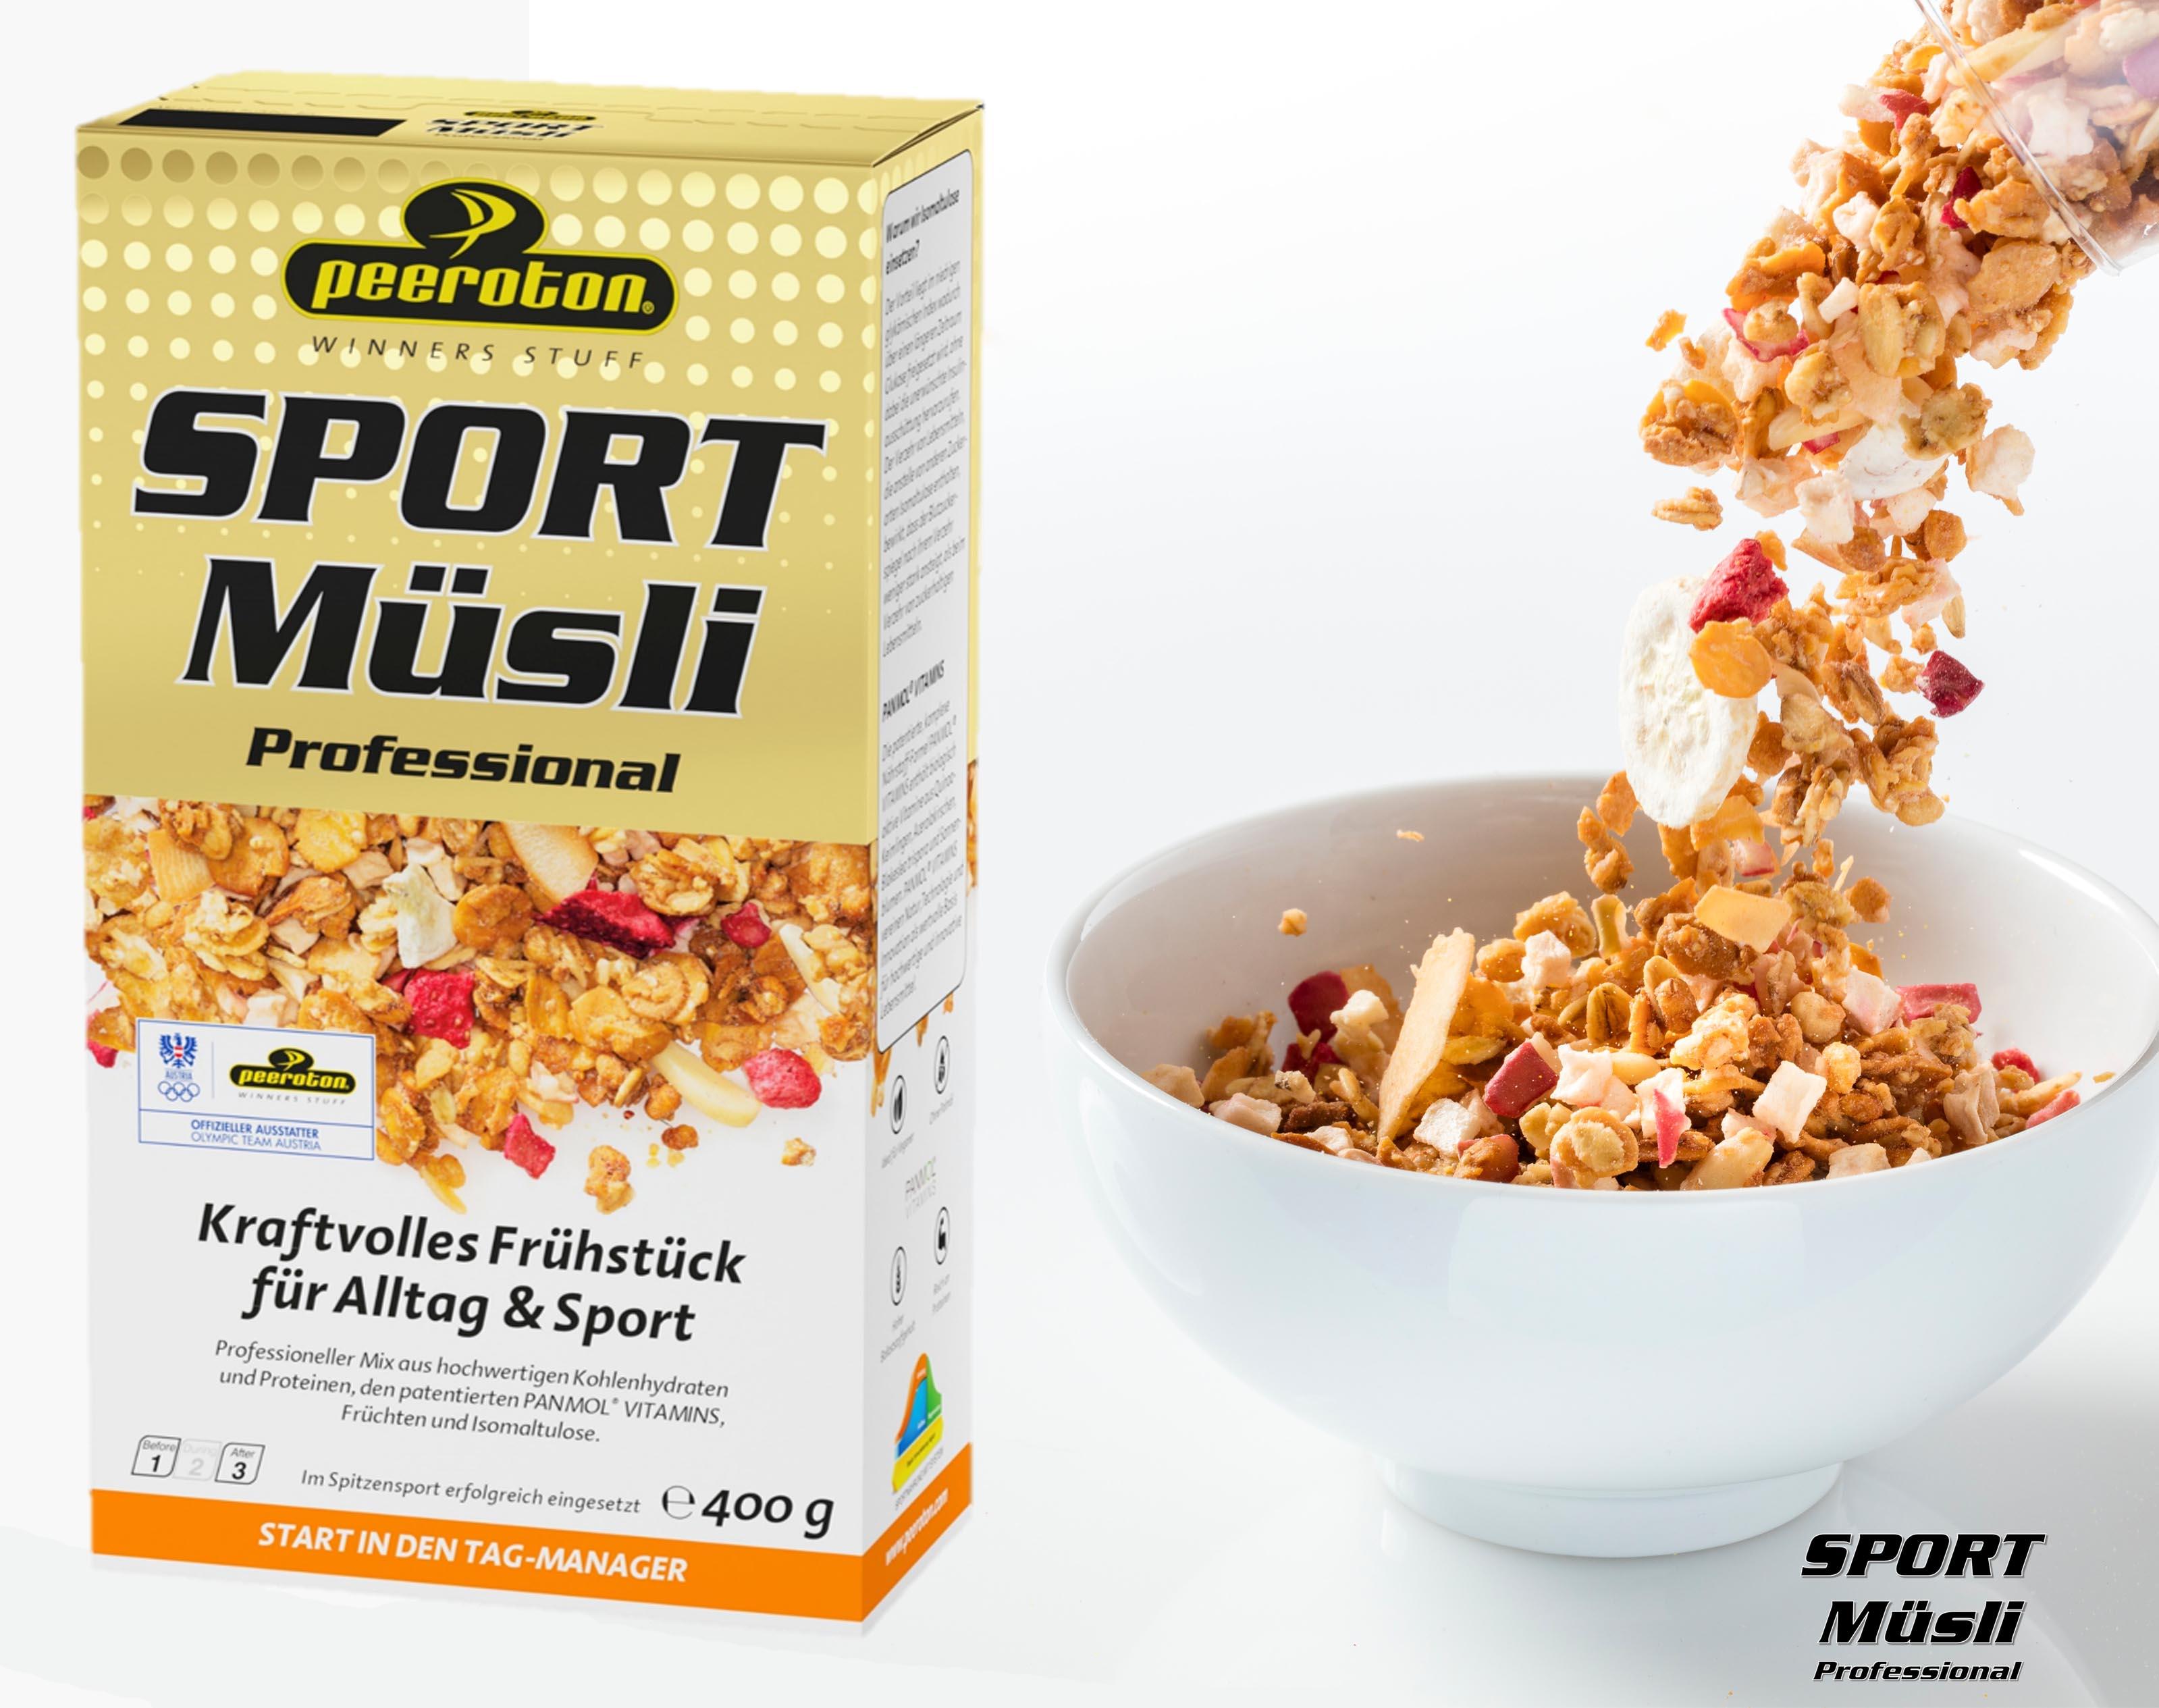 Peeroton-SPort-Muesli-Professional-3-0